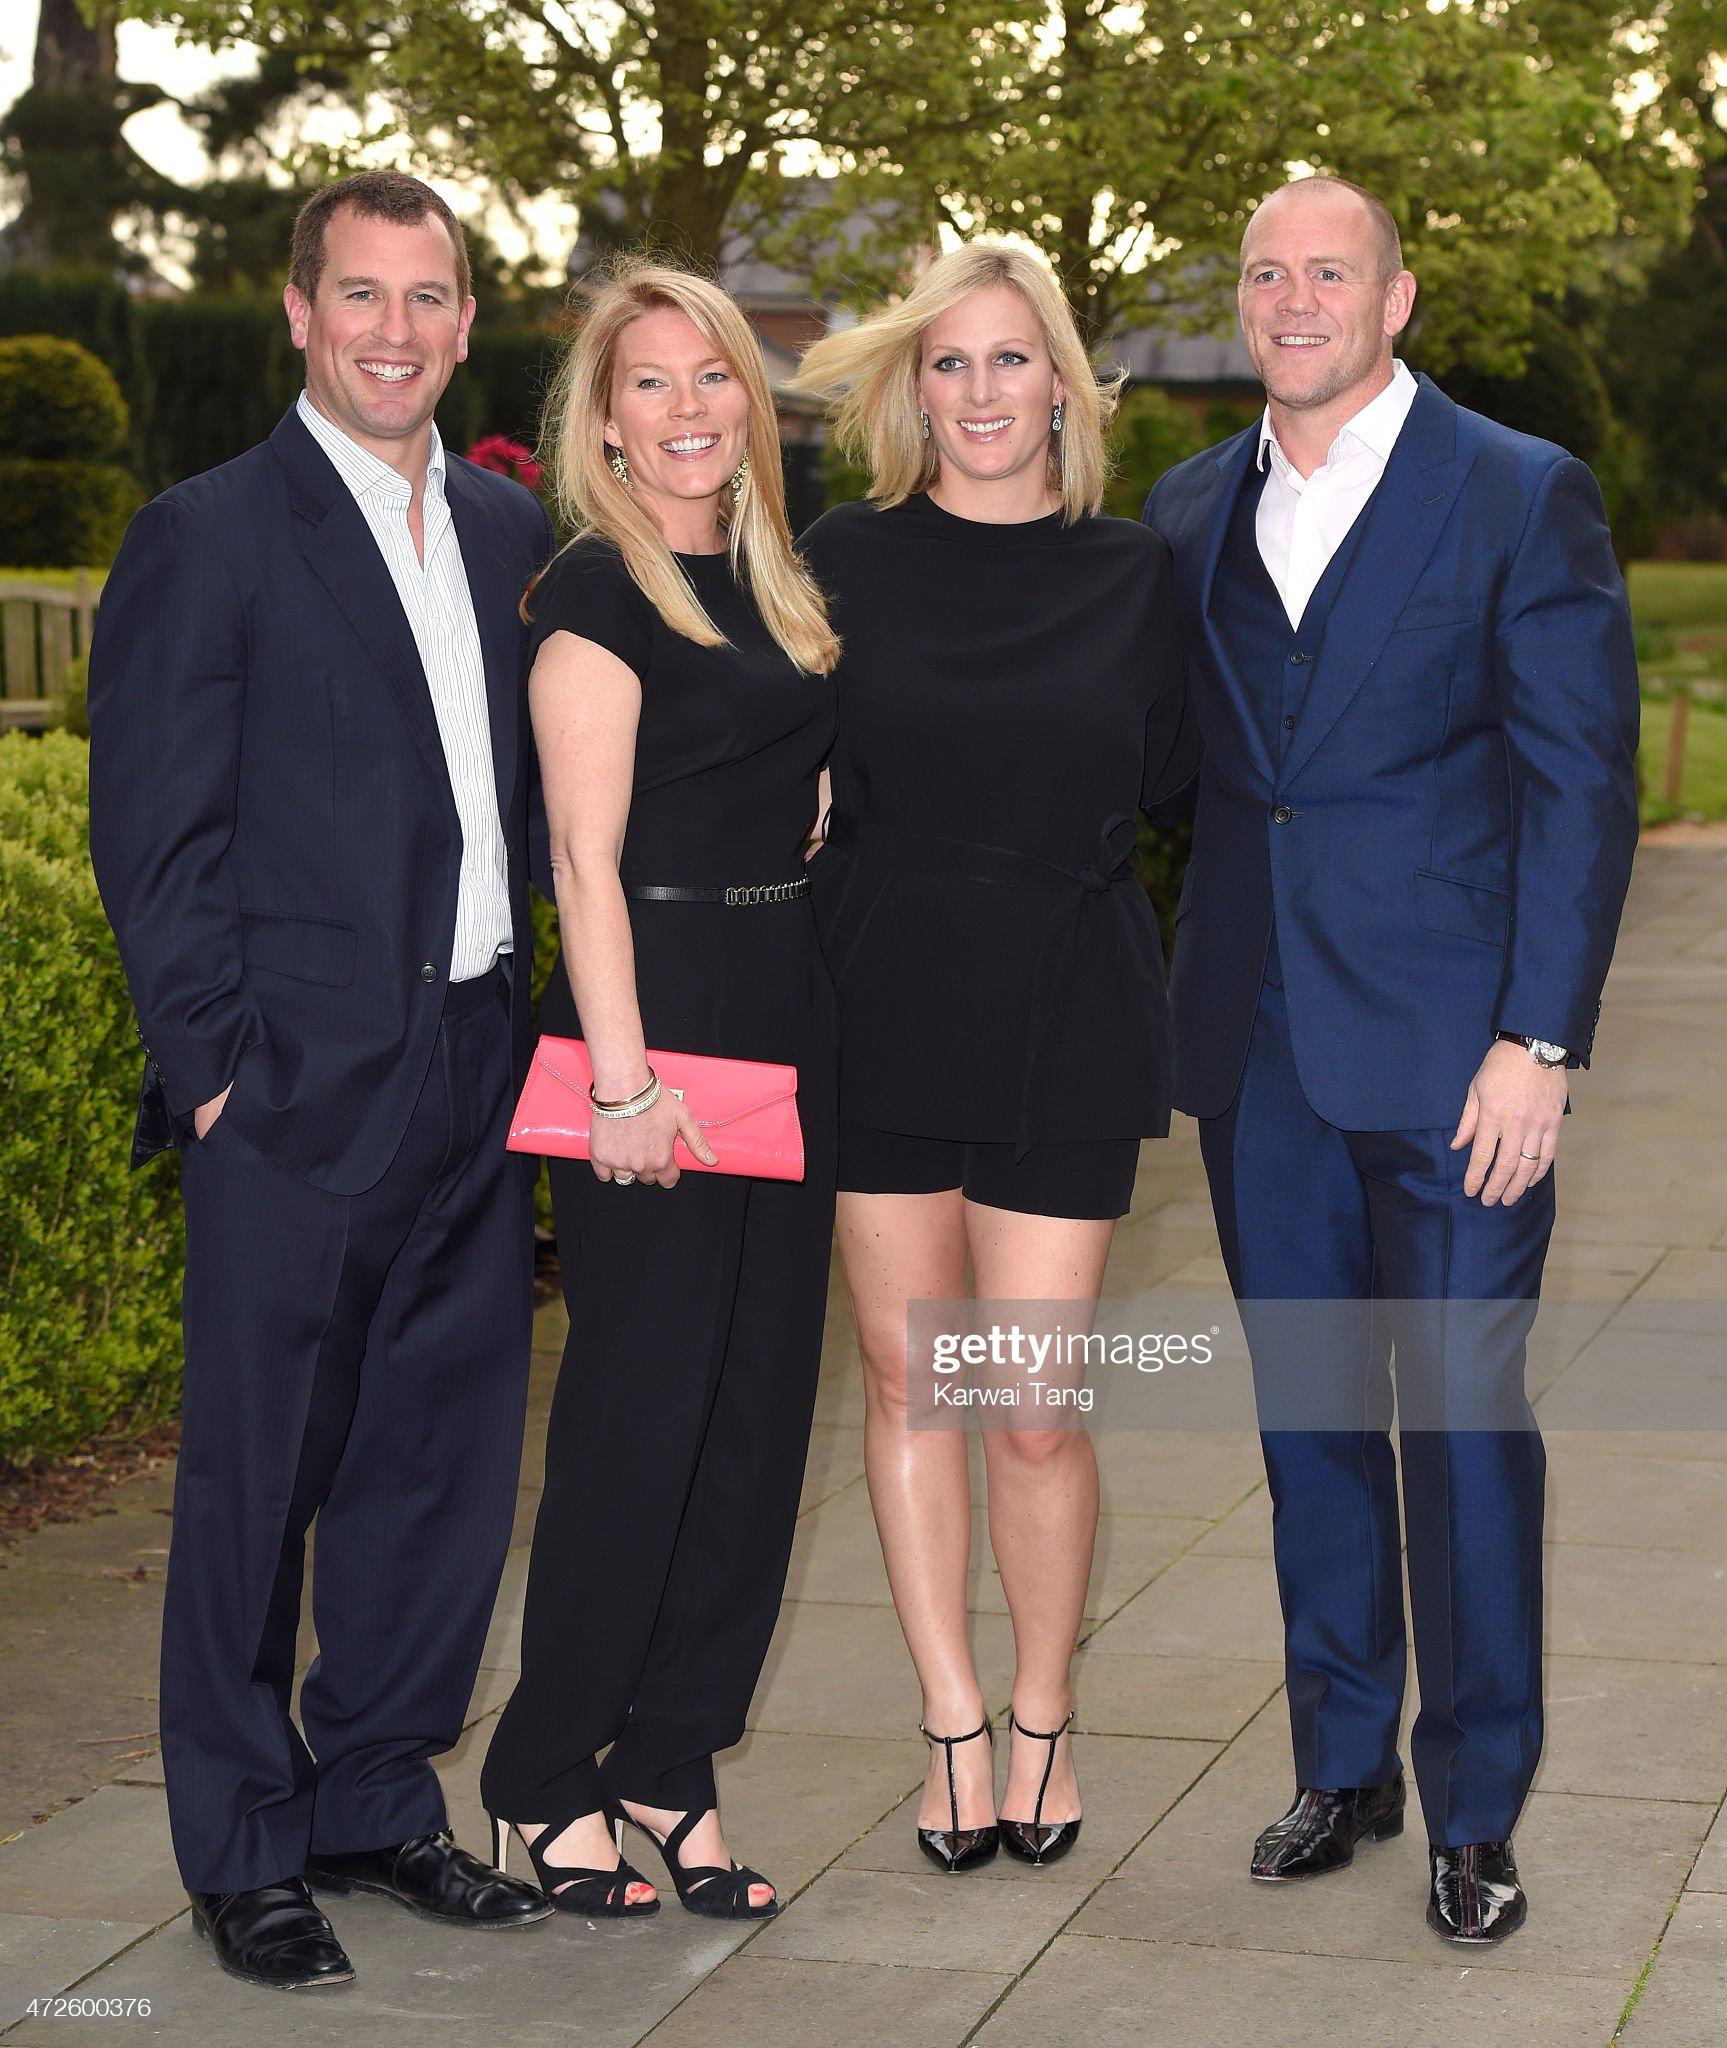 Вечерние наряды Отем пока еще Филлипс и Сары Йоркской ISPS Handa Mike Tindall 3rd Annual Celebrity Golf Classic - Evening Reception : News Photo